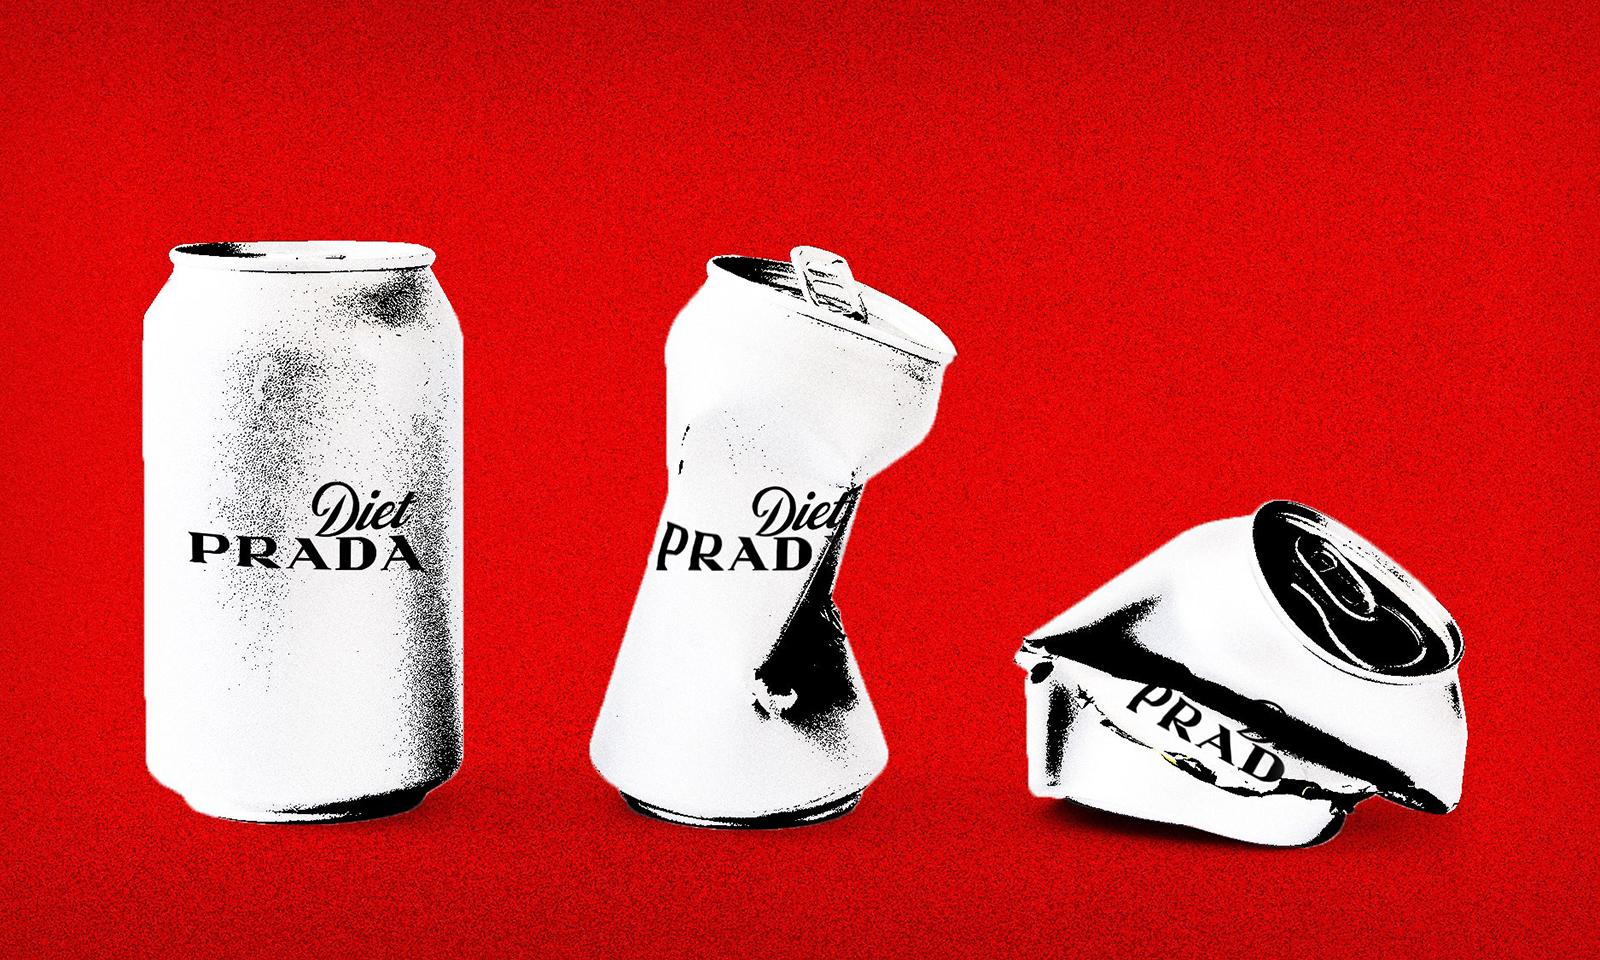 被 Kanye 点名的「Diet Prada」究竟是谁?